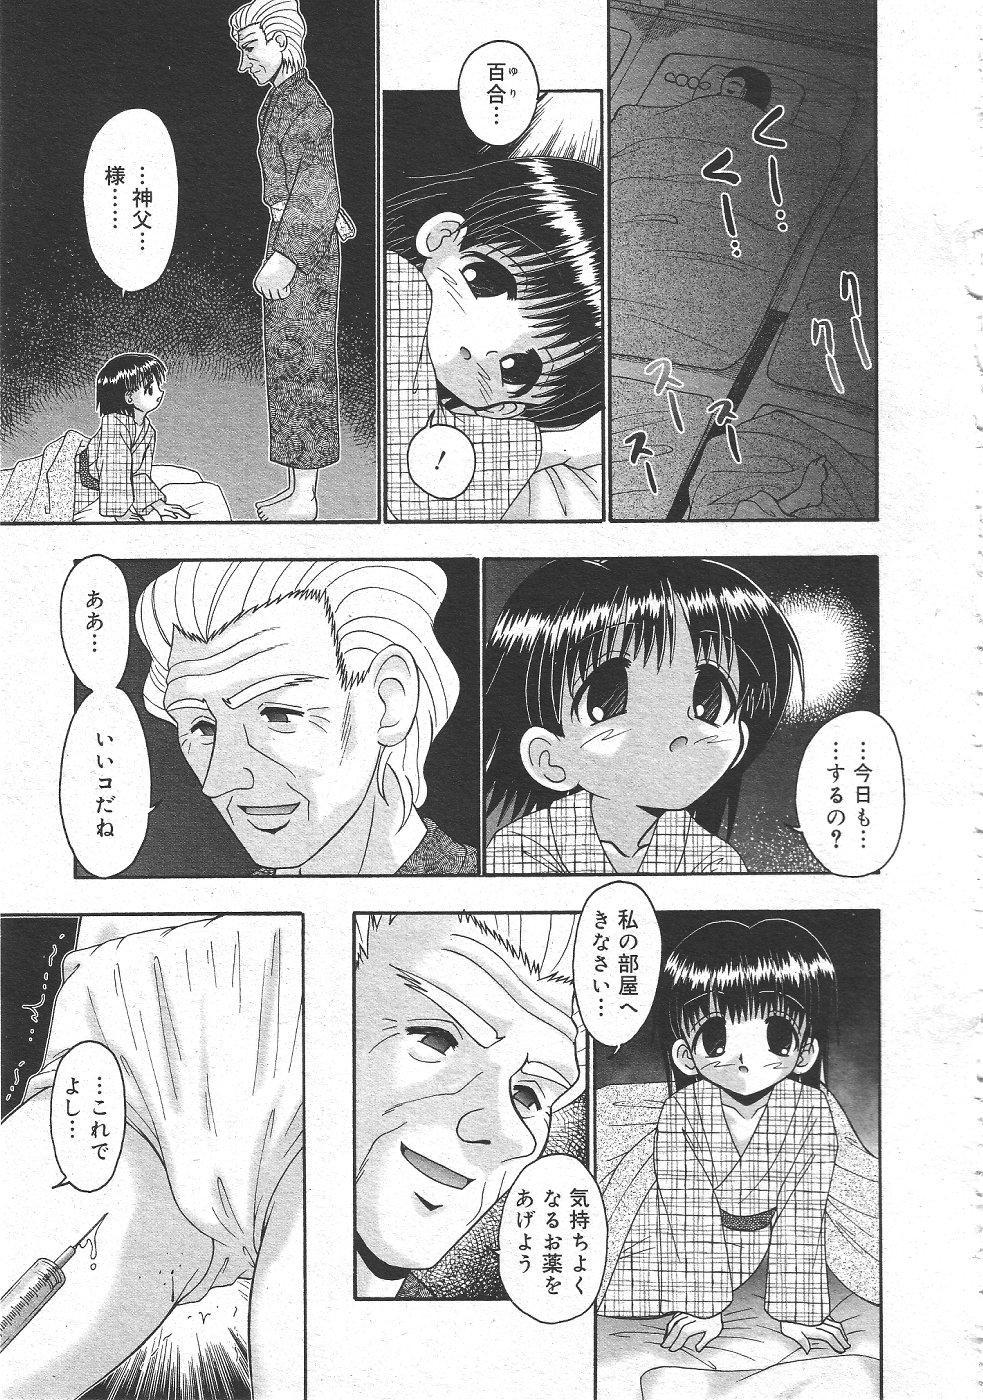 Gekkan Comic Muga 2004-06 Vol.10 136